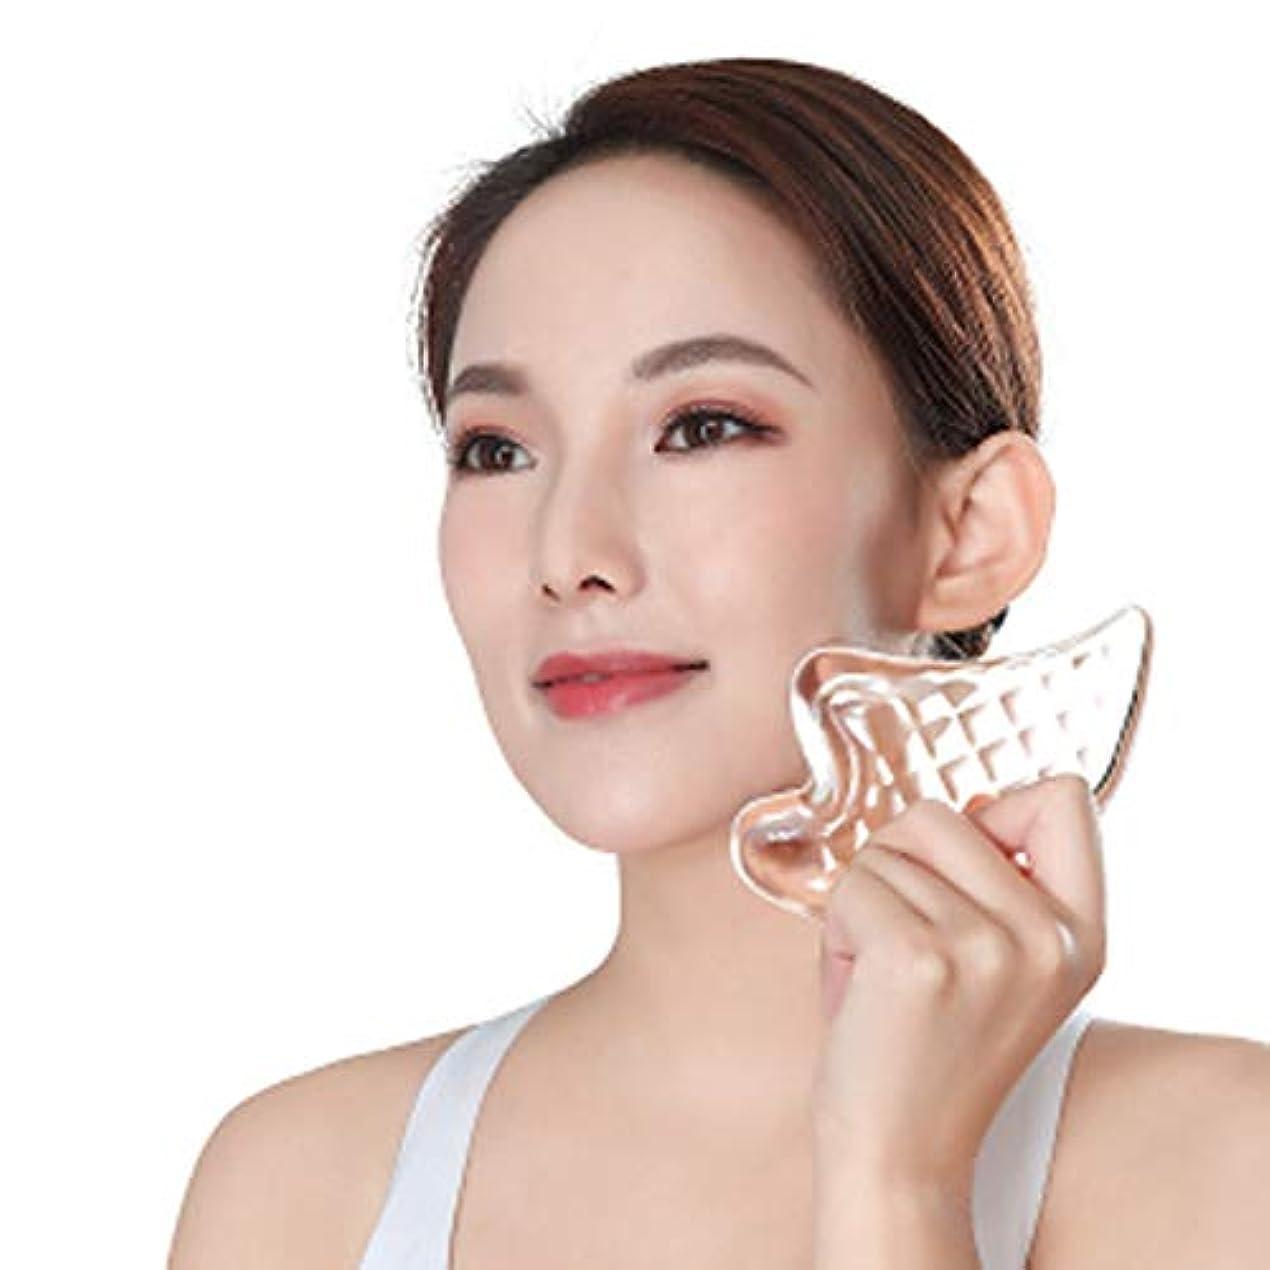 暗記する許可する非行Cangad かっさプレート 美顔器 高品質 3Dクリスタル 小顔 美顔グッズ 羽根型 ボディ マッサージ かっさマッサージ 刮痧 ウィング型 健康グッズ